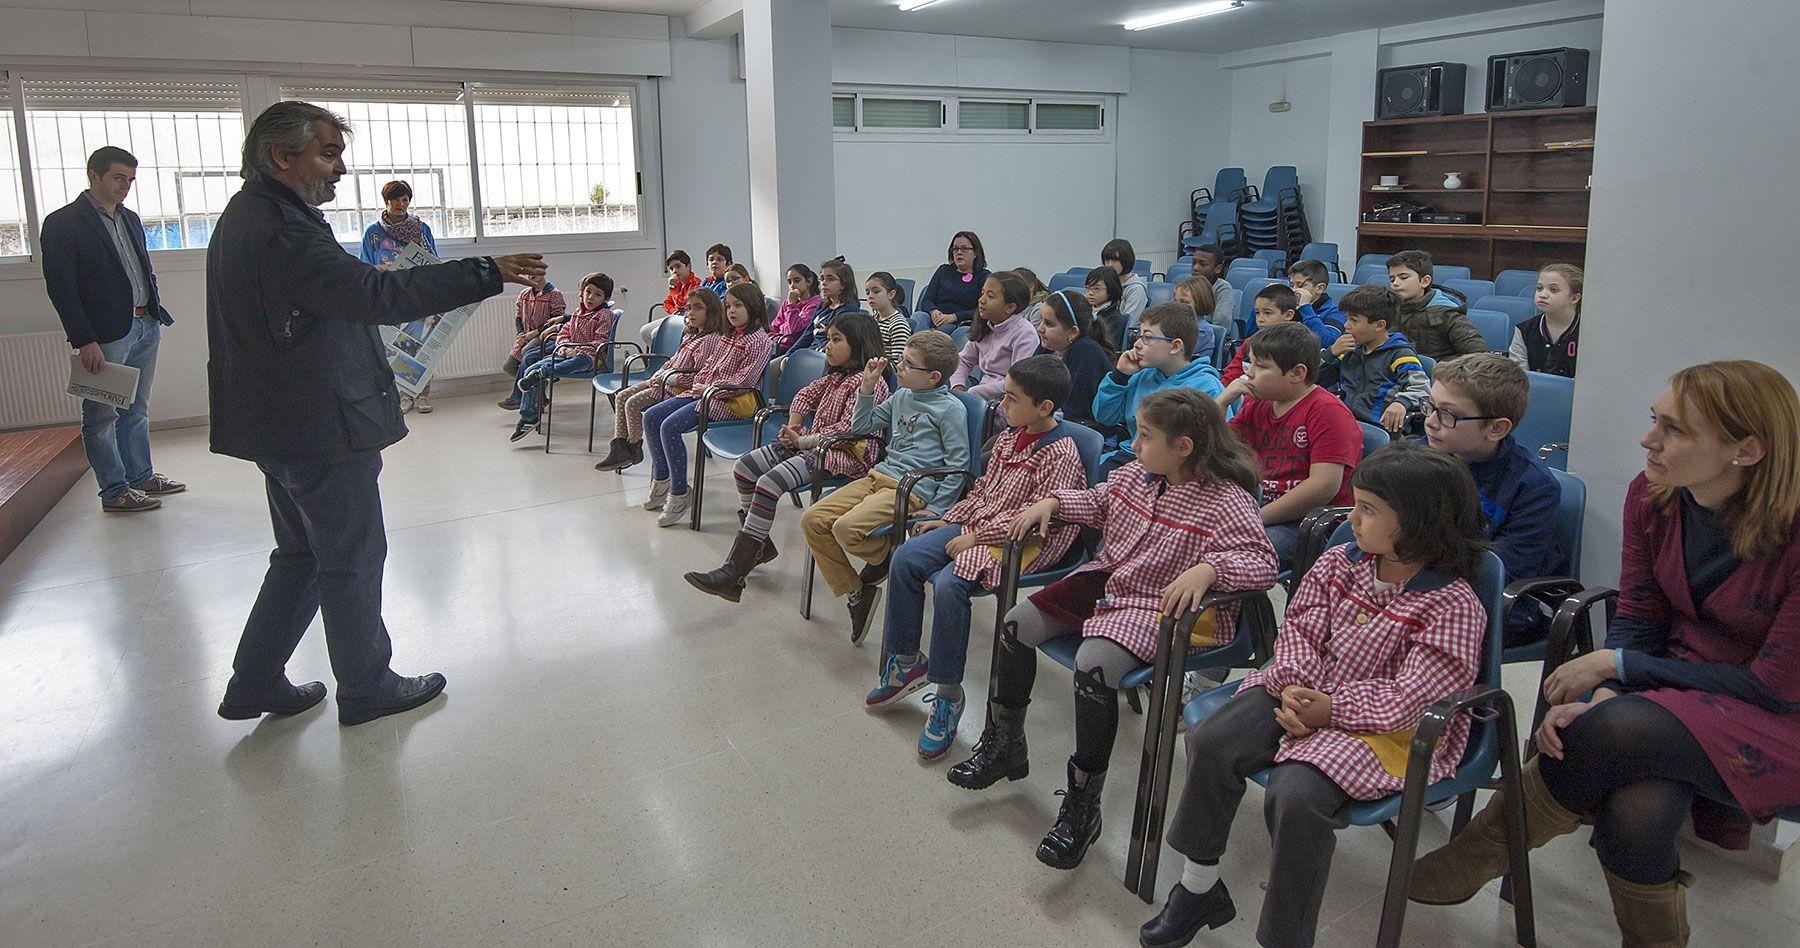 Visita a Faro de Vigo del CPR Quiñones de León, curso 2015-16